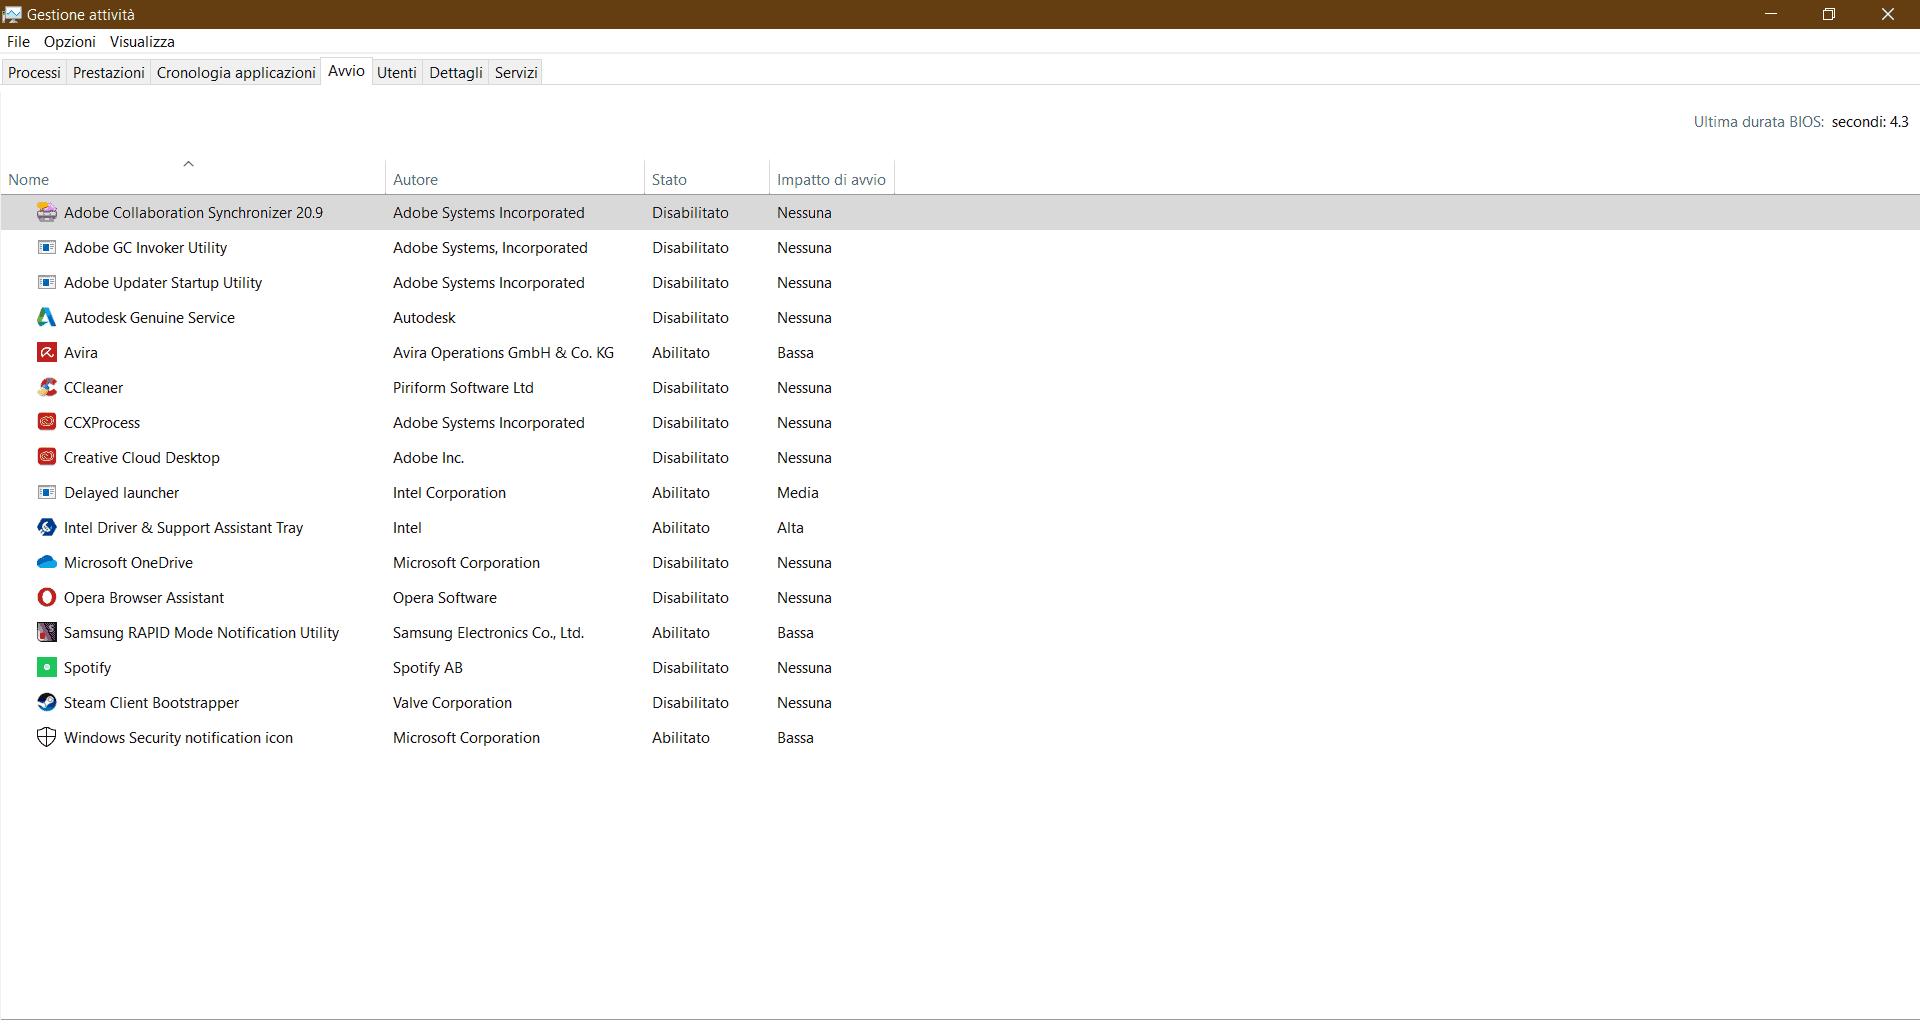 Scheda Gestione attività Windows 10